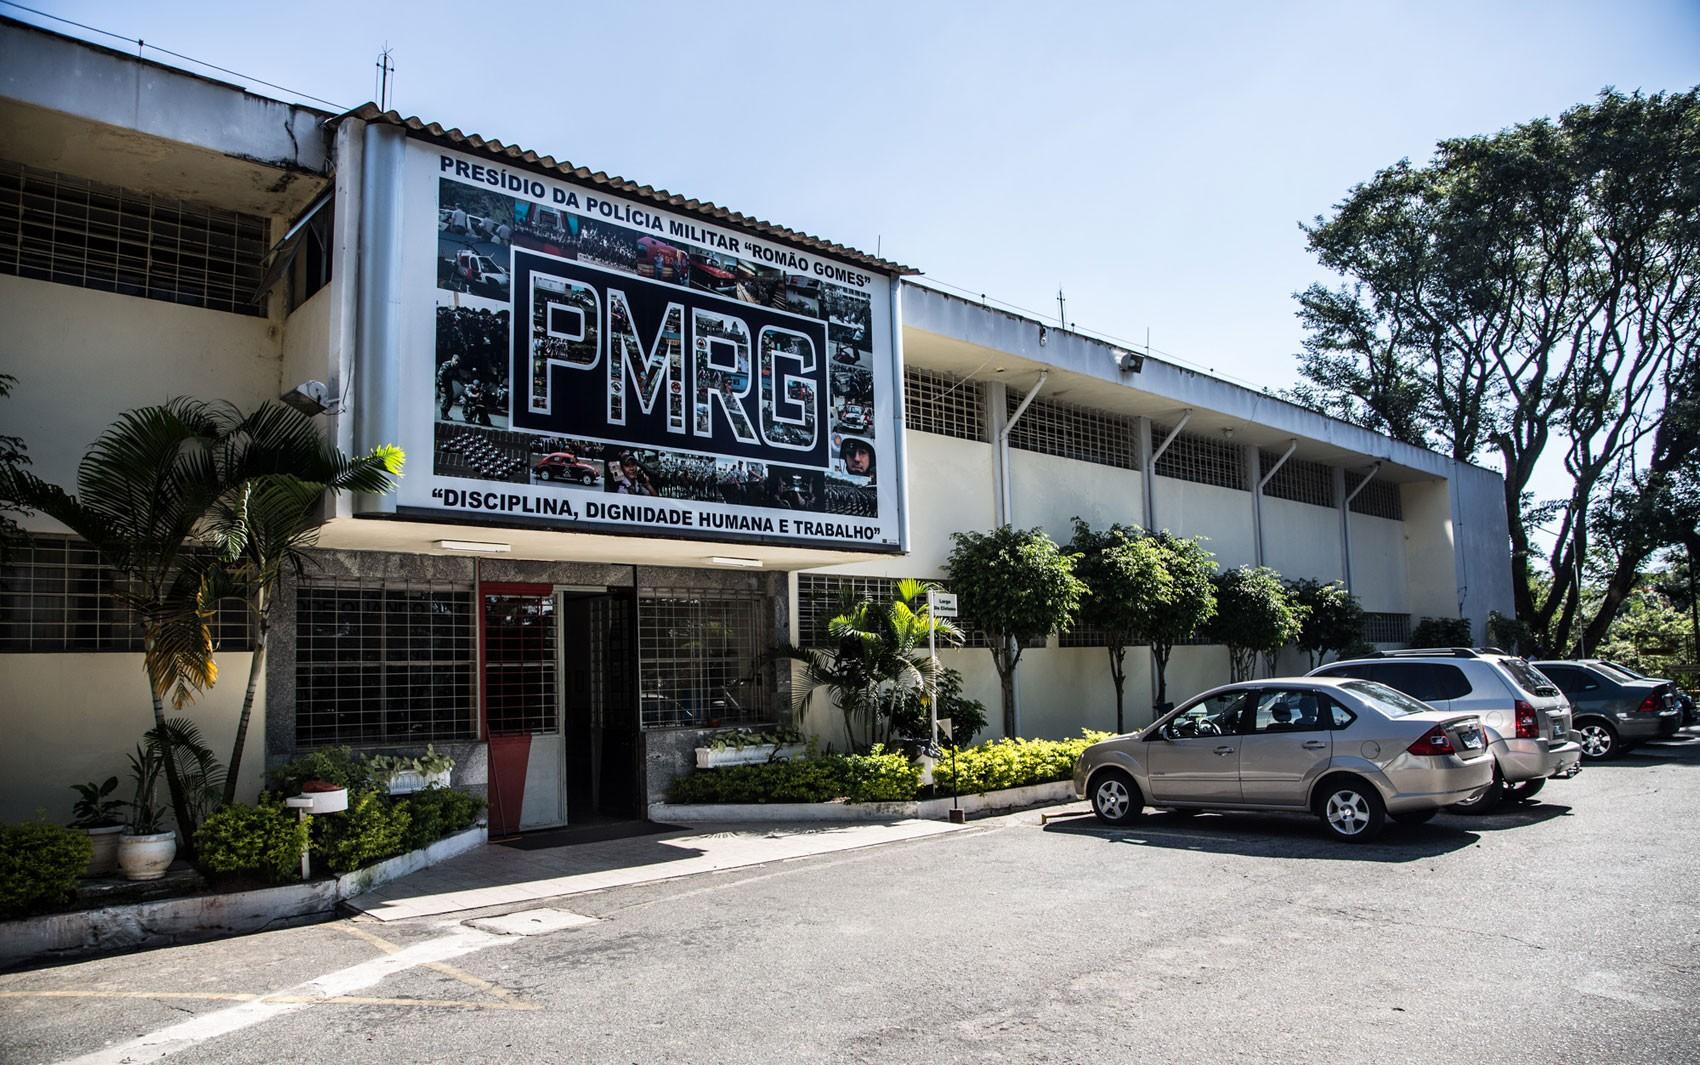 Tribunal Militar de SP determina que PMs demitidos da corporação não sejam levados para presídio Romão Gomes, na Zona Norte